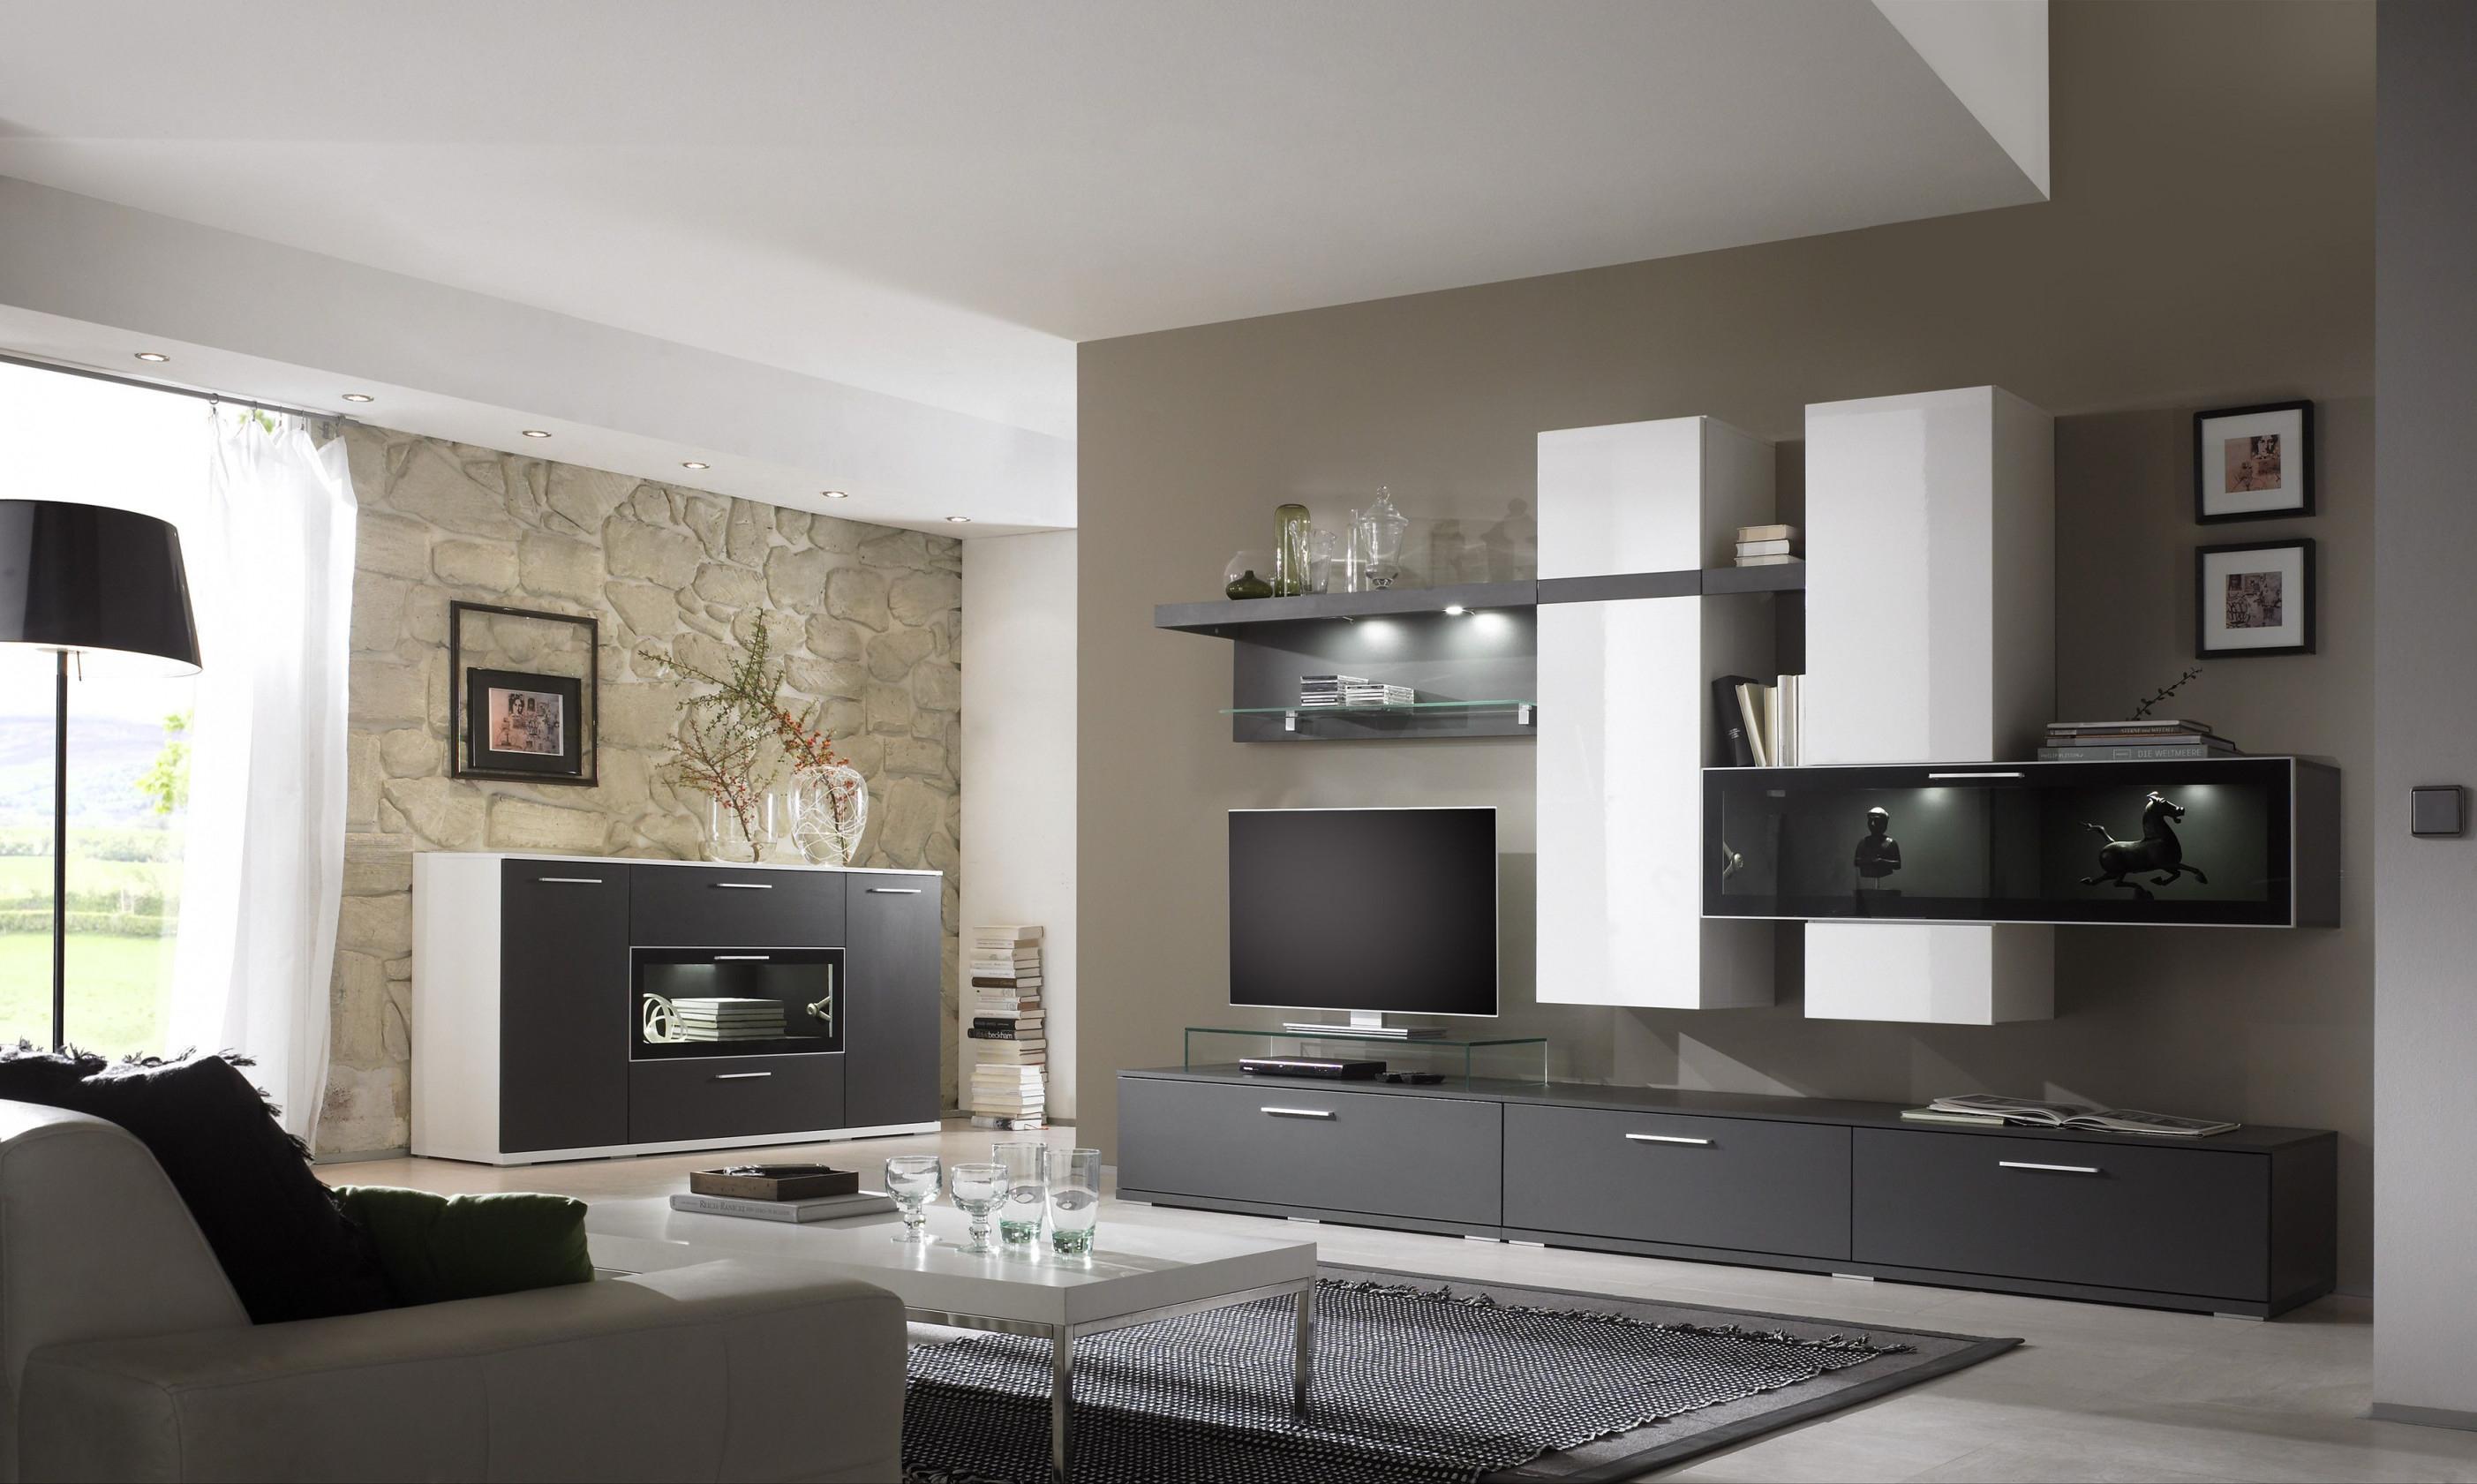 Moderne Wohnzimmer Farben  Wohnzimmer Gestalten Diy Deko von Moderne Wohnzimmer Farben Bild